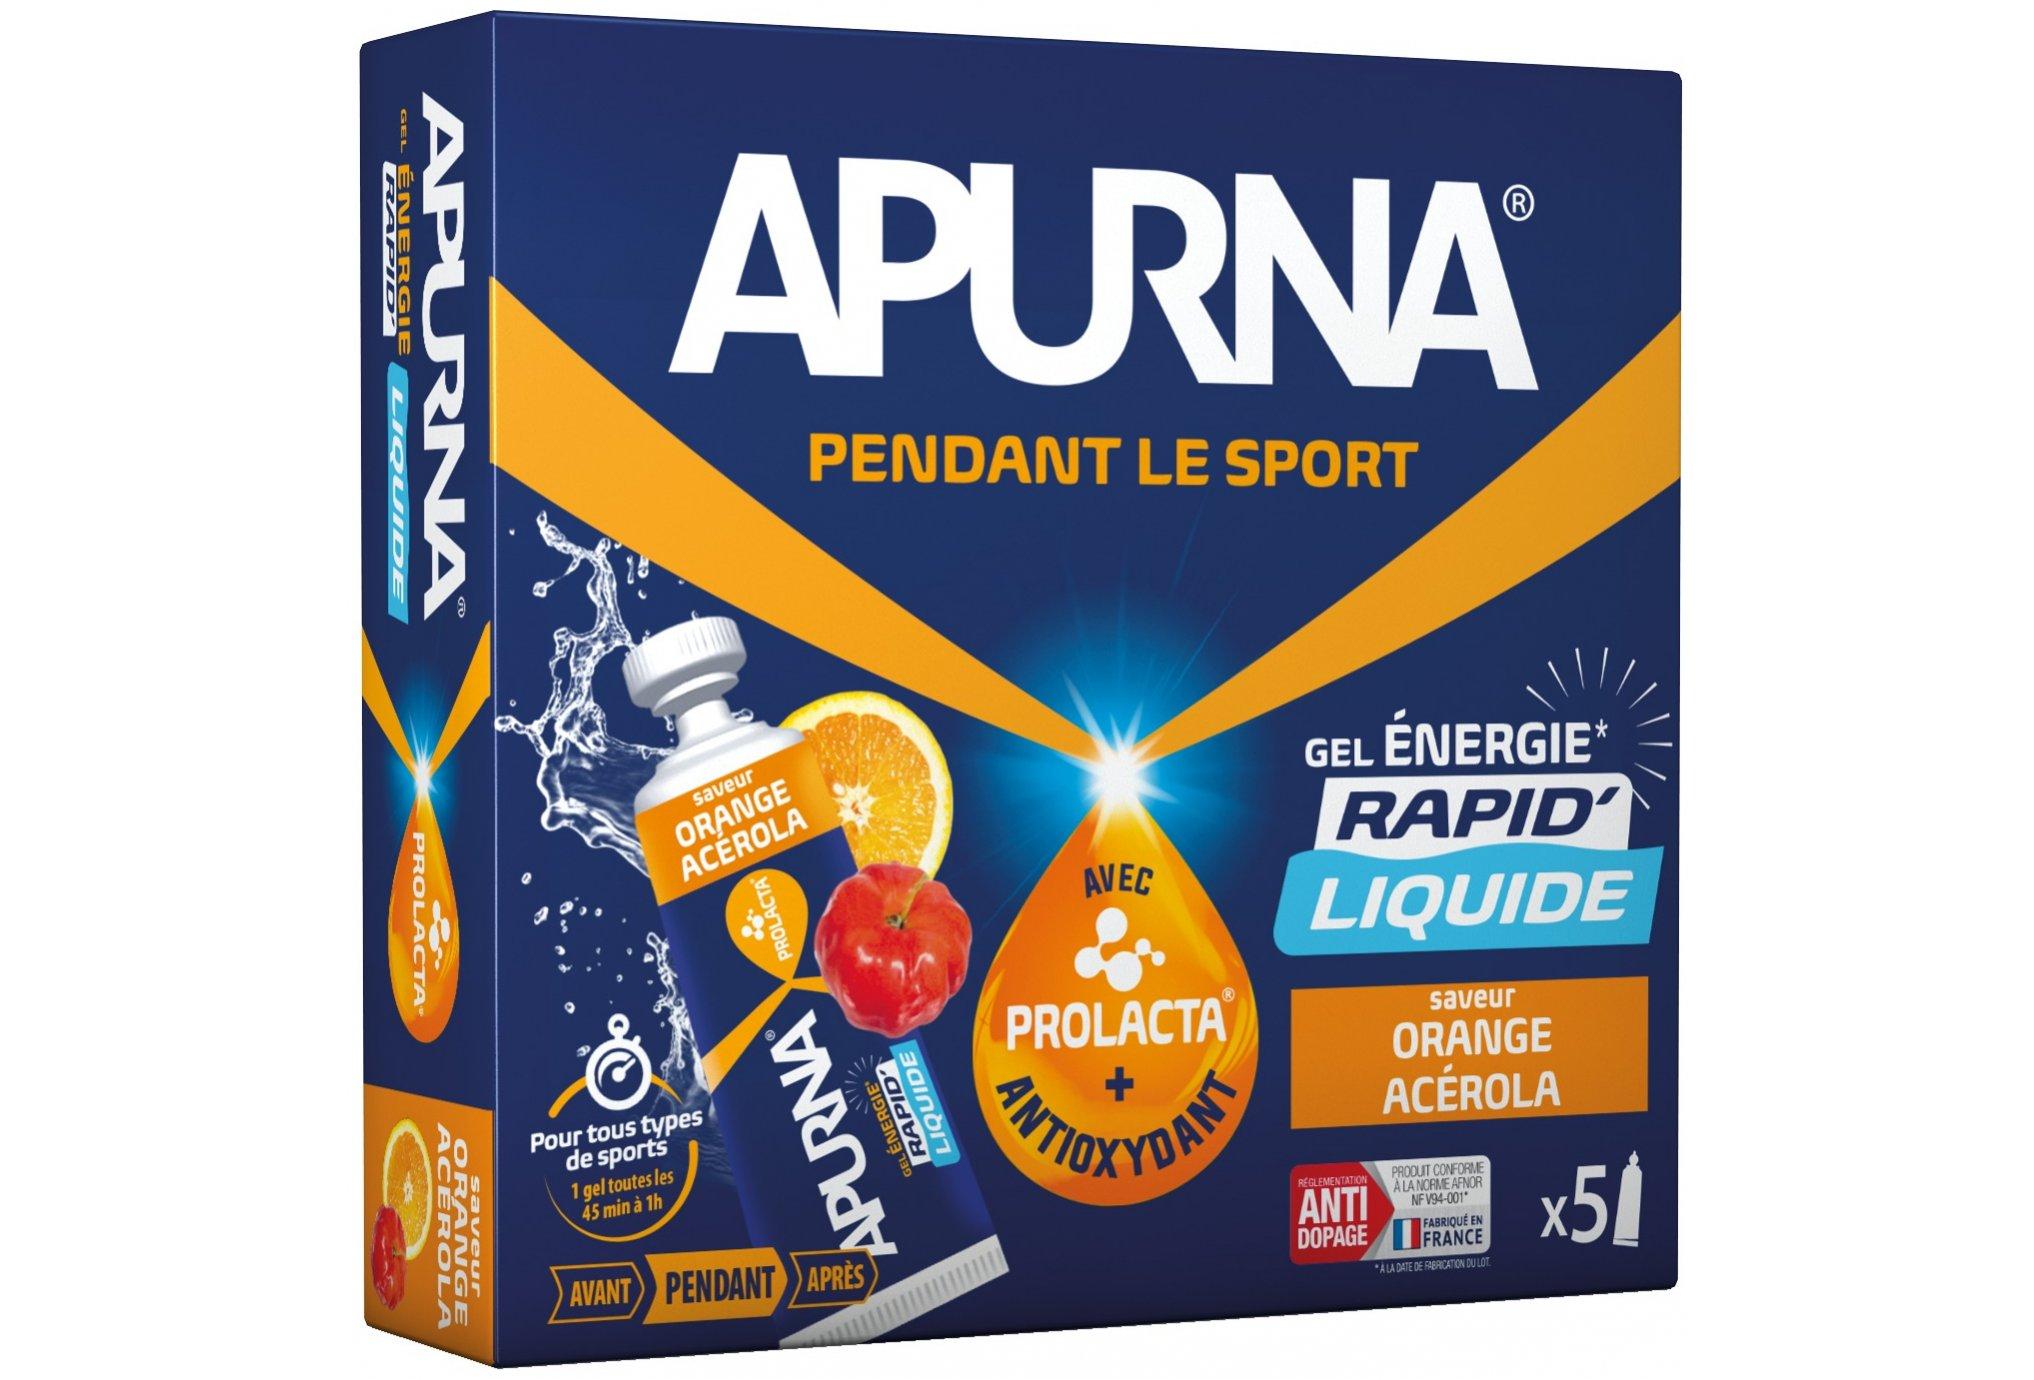 Apurna Etui gels energétiques liquide - orange acérola diététique gels